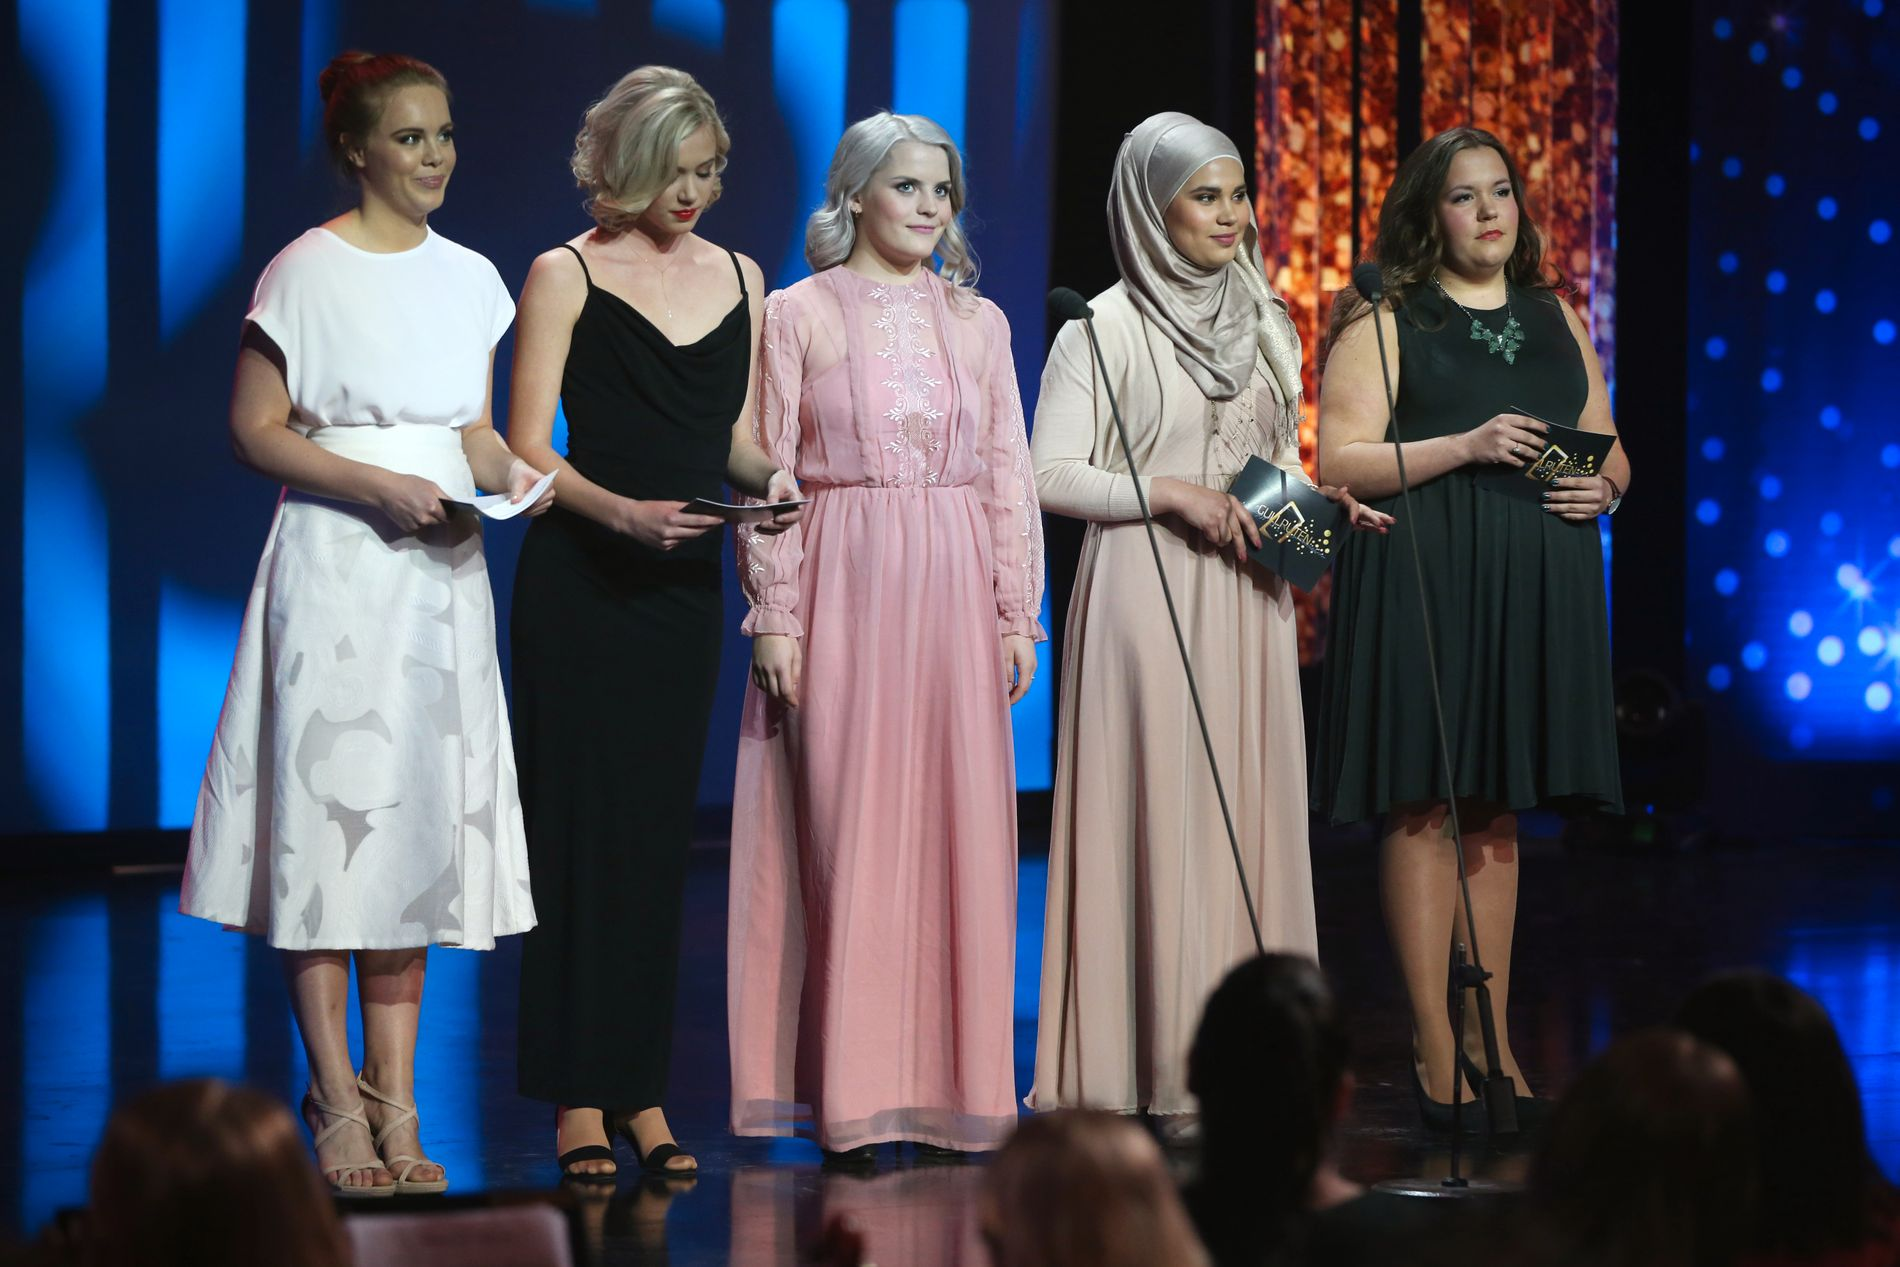 SNEKET INN: Skuespillerne i Skam gjorde sin første offentlige opptreden som seg selv under Gullruten, og delte også ut første pris.